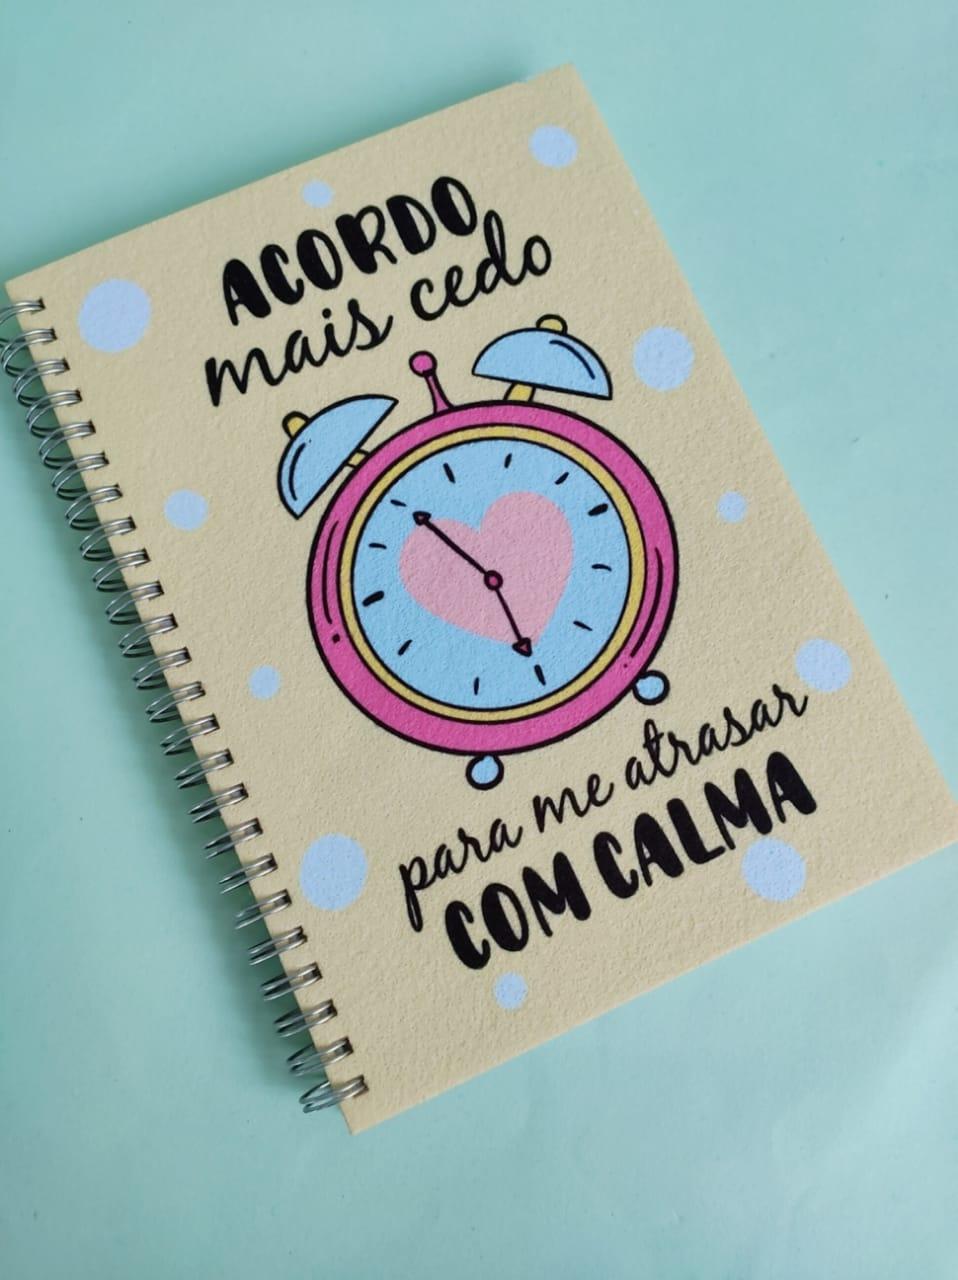 Caderno  Acordo Mais Cedo Para me Atrasar com Calma